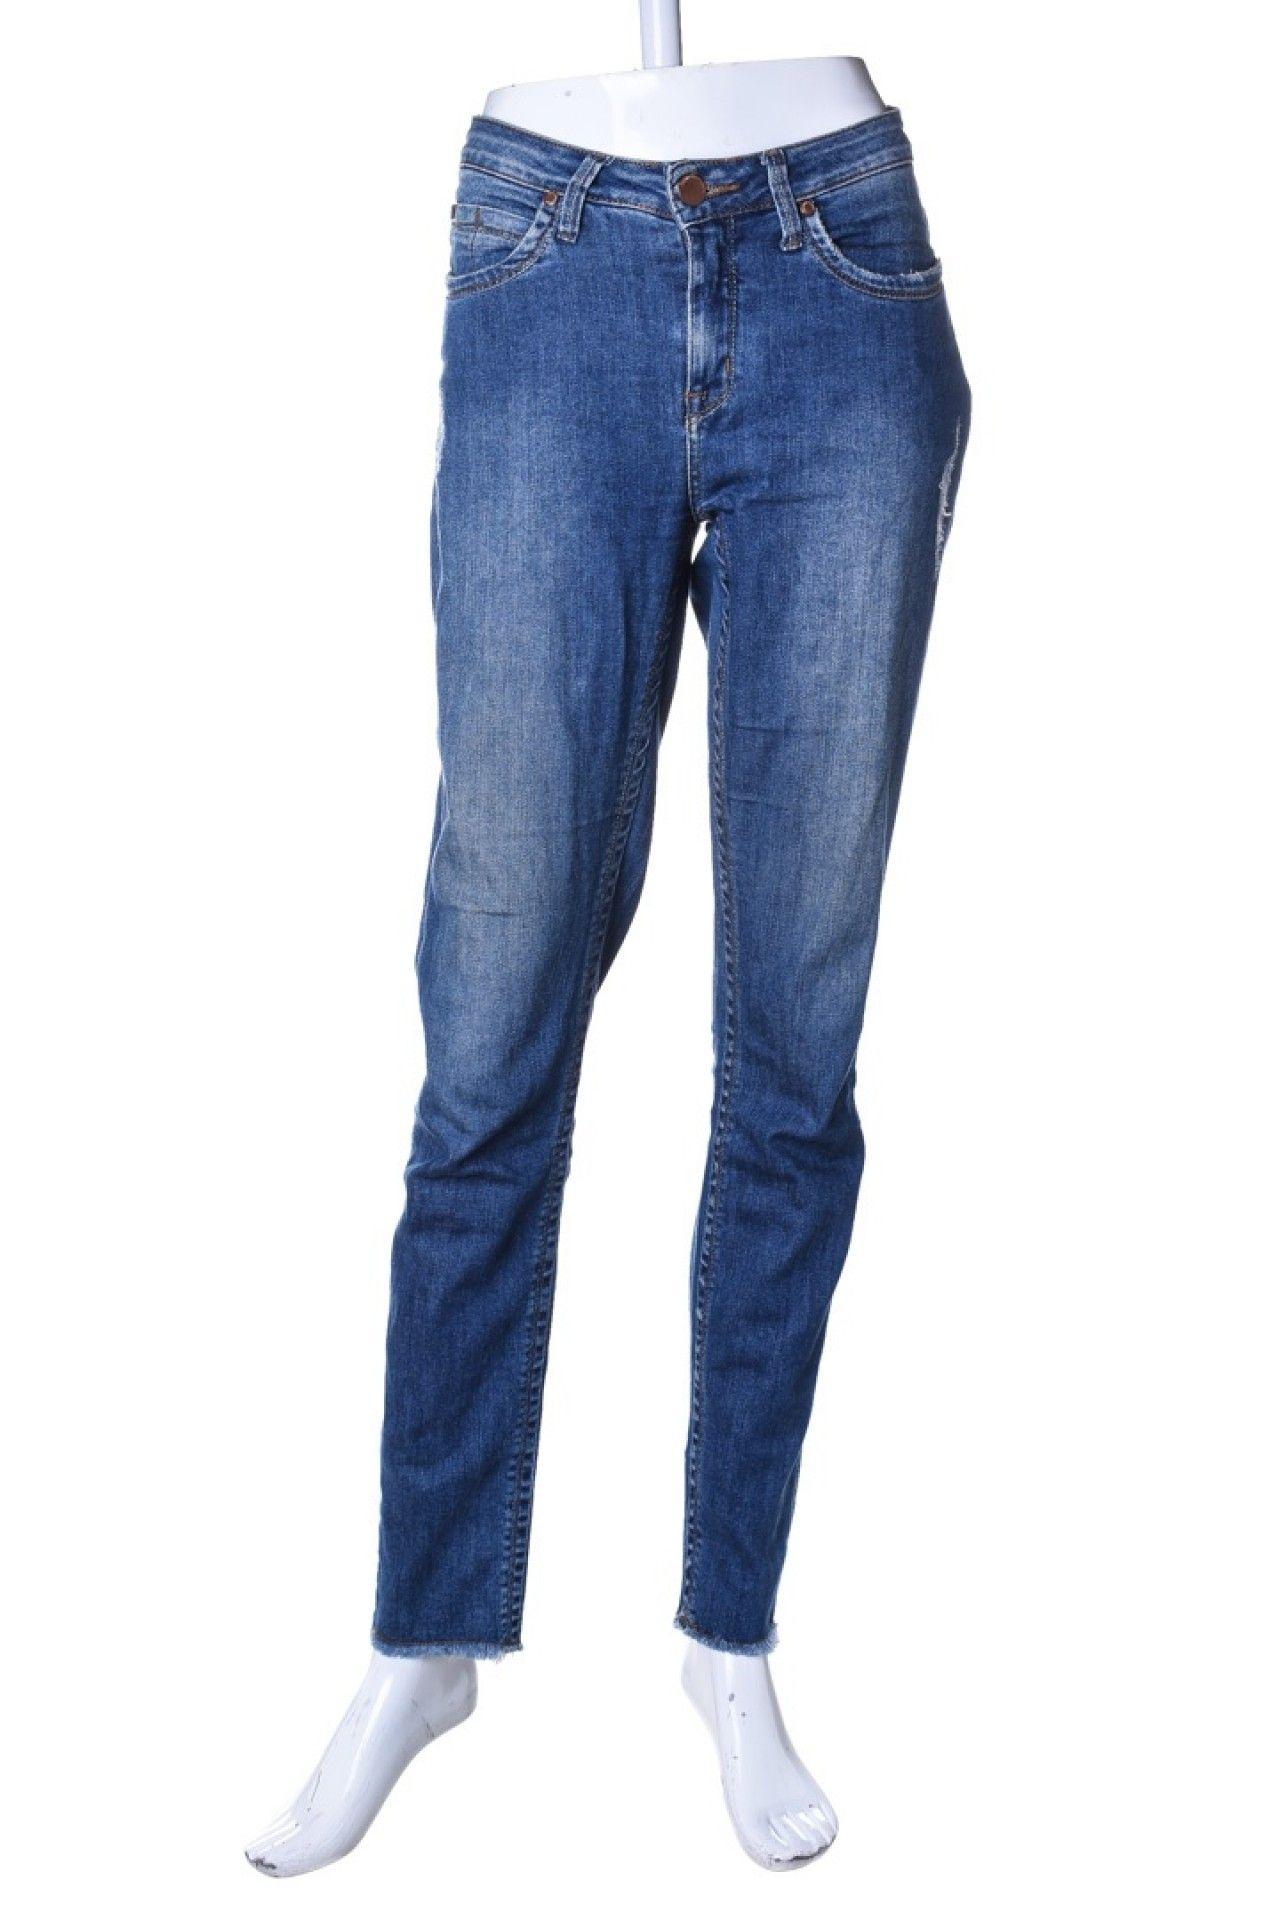 Calvin Klein - Calça Jeans Reta  - Foto 1